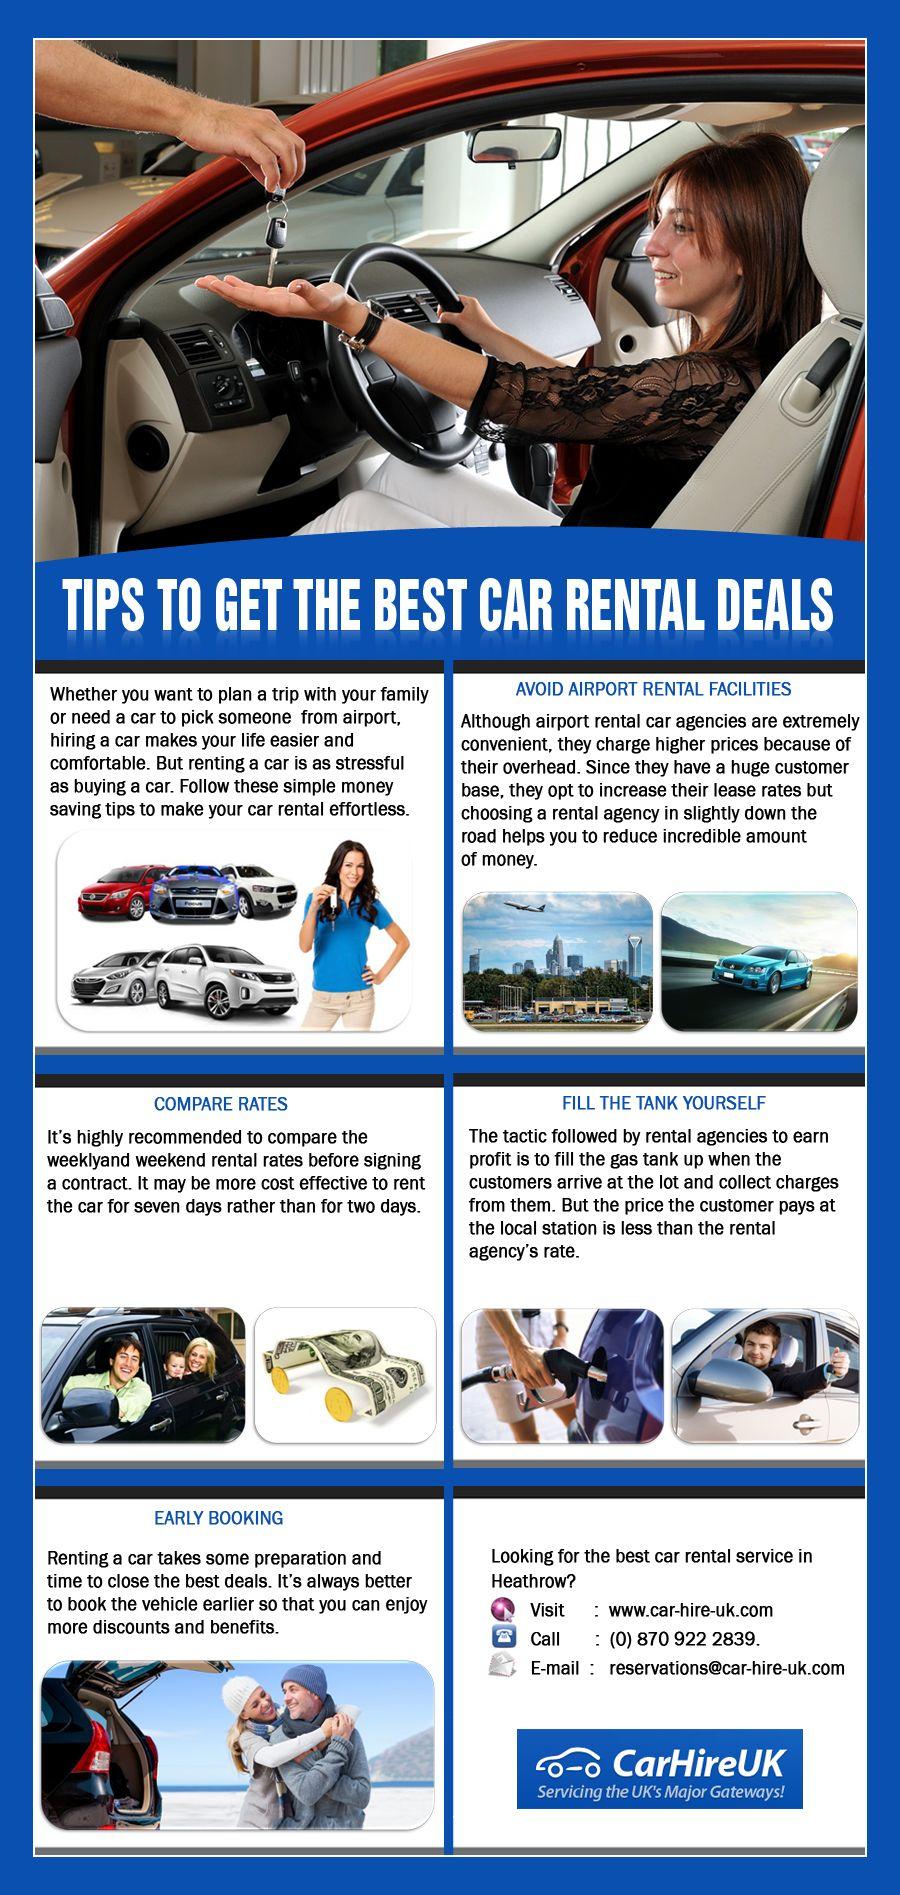 Car hire uk top notch car rental service in uk car hire uk